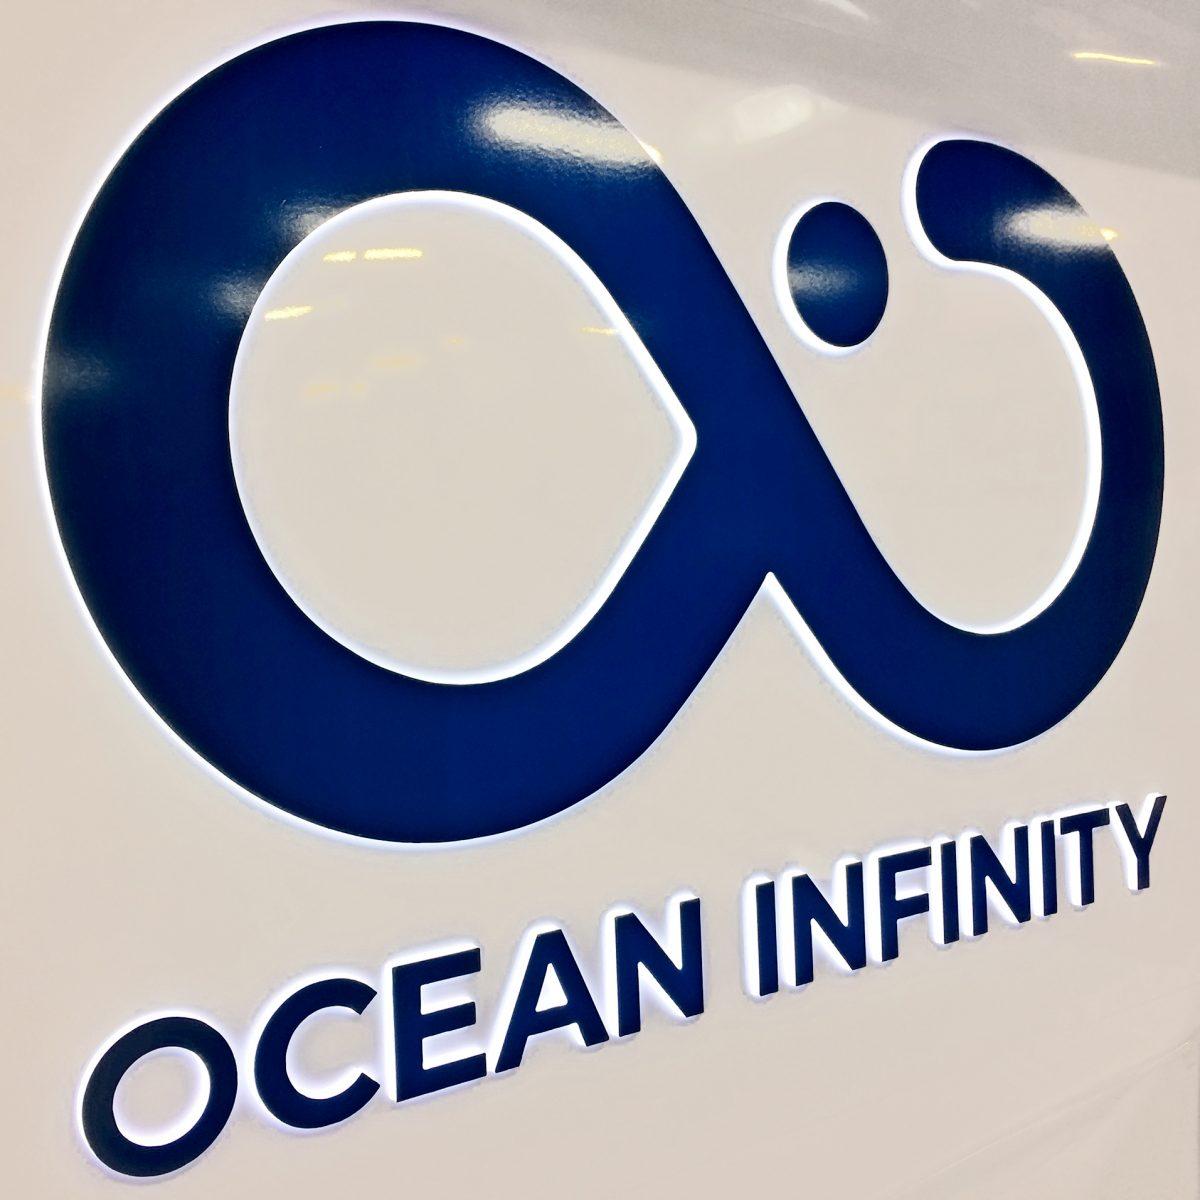 ocean infinity custom glowing signage